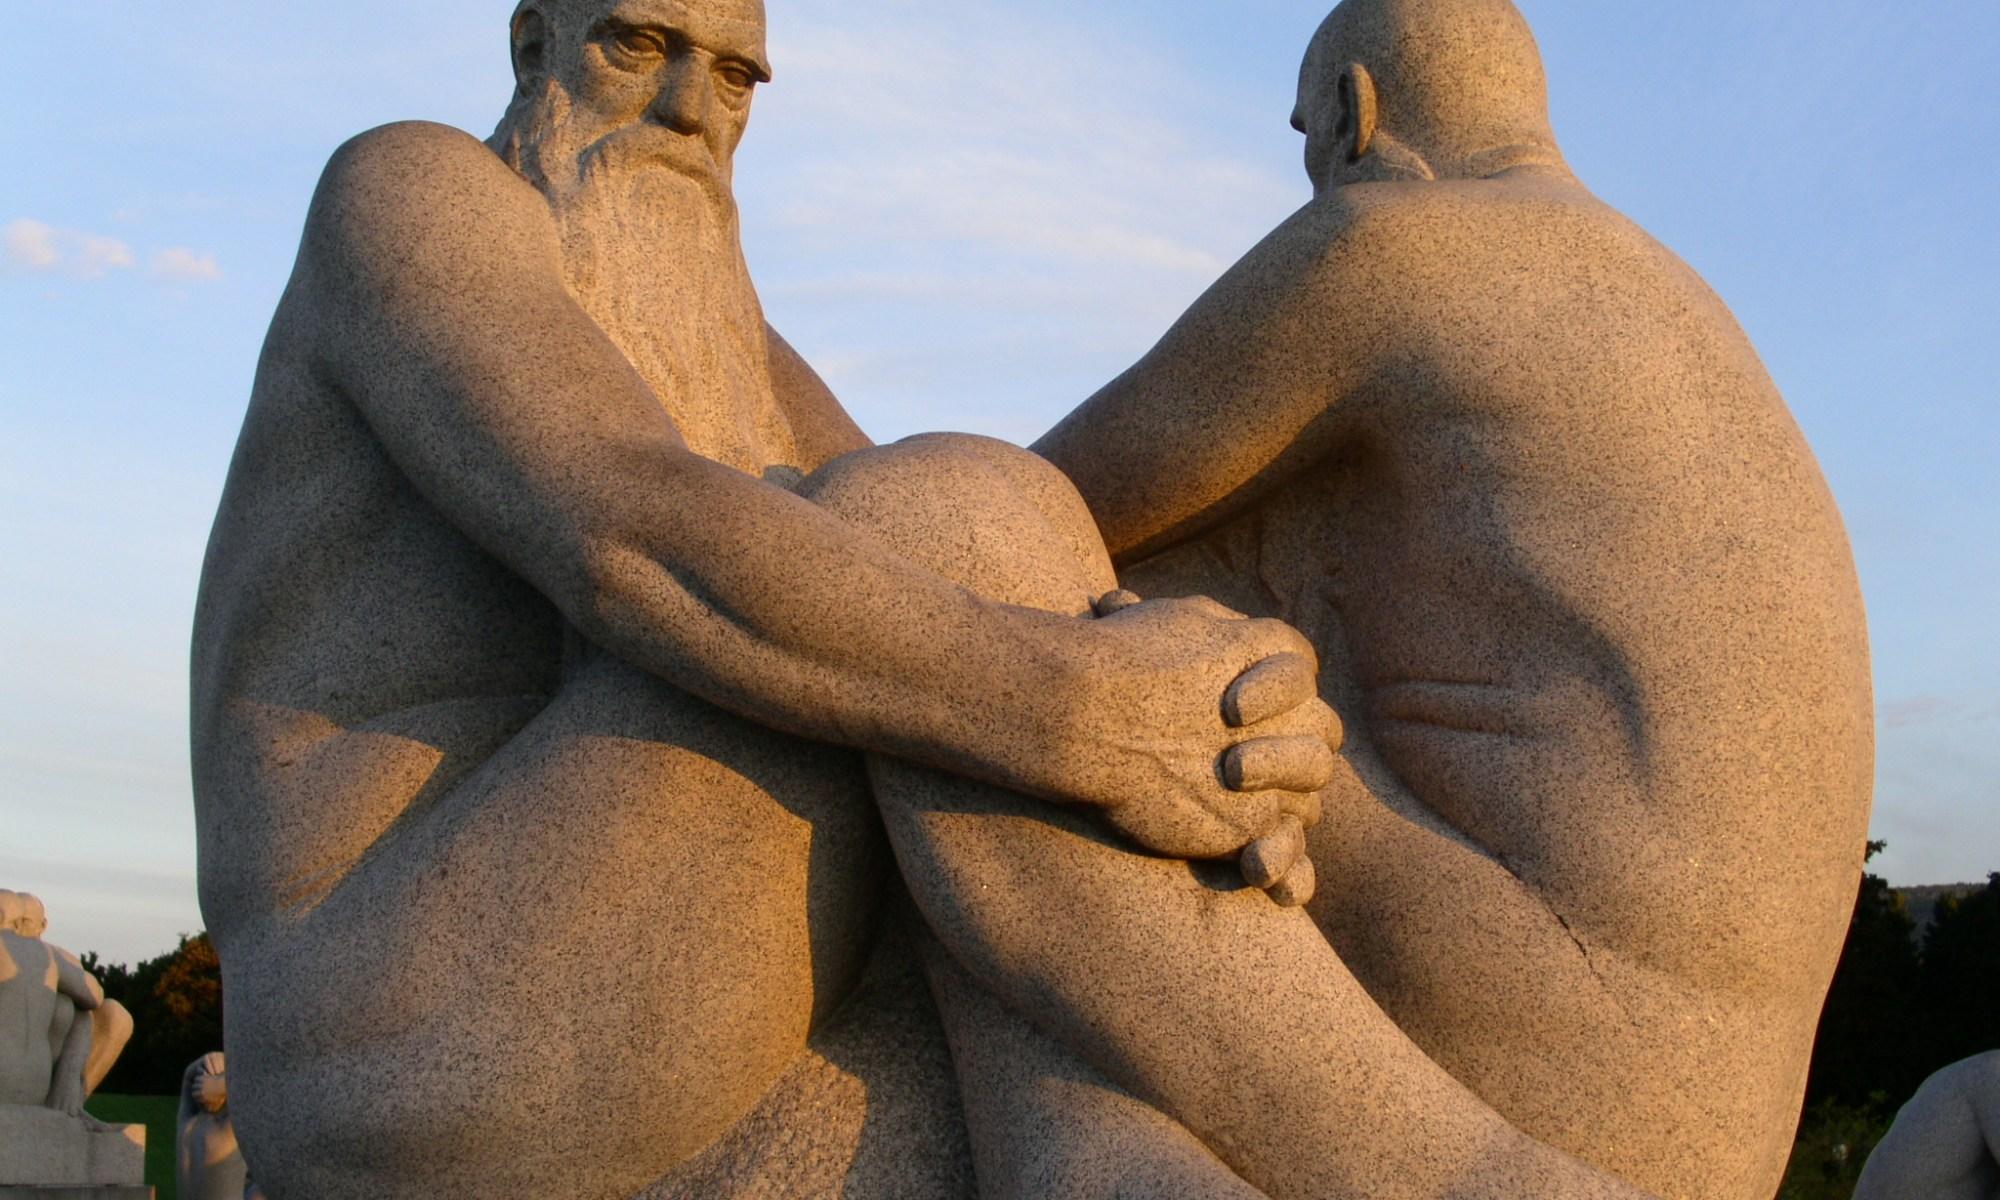 Old Men statue in Vigelands Park